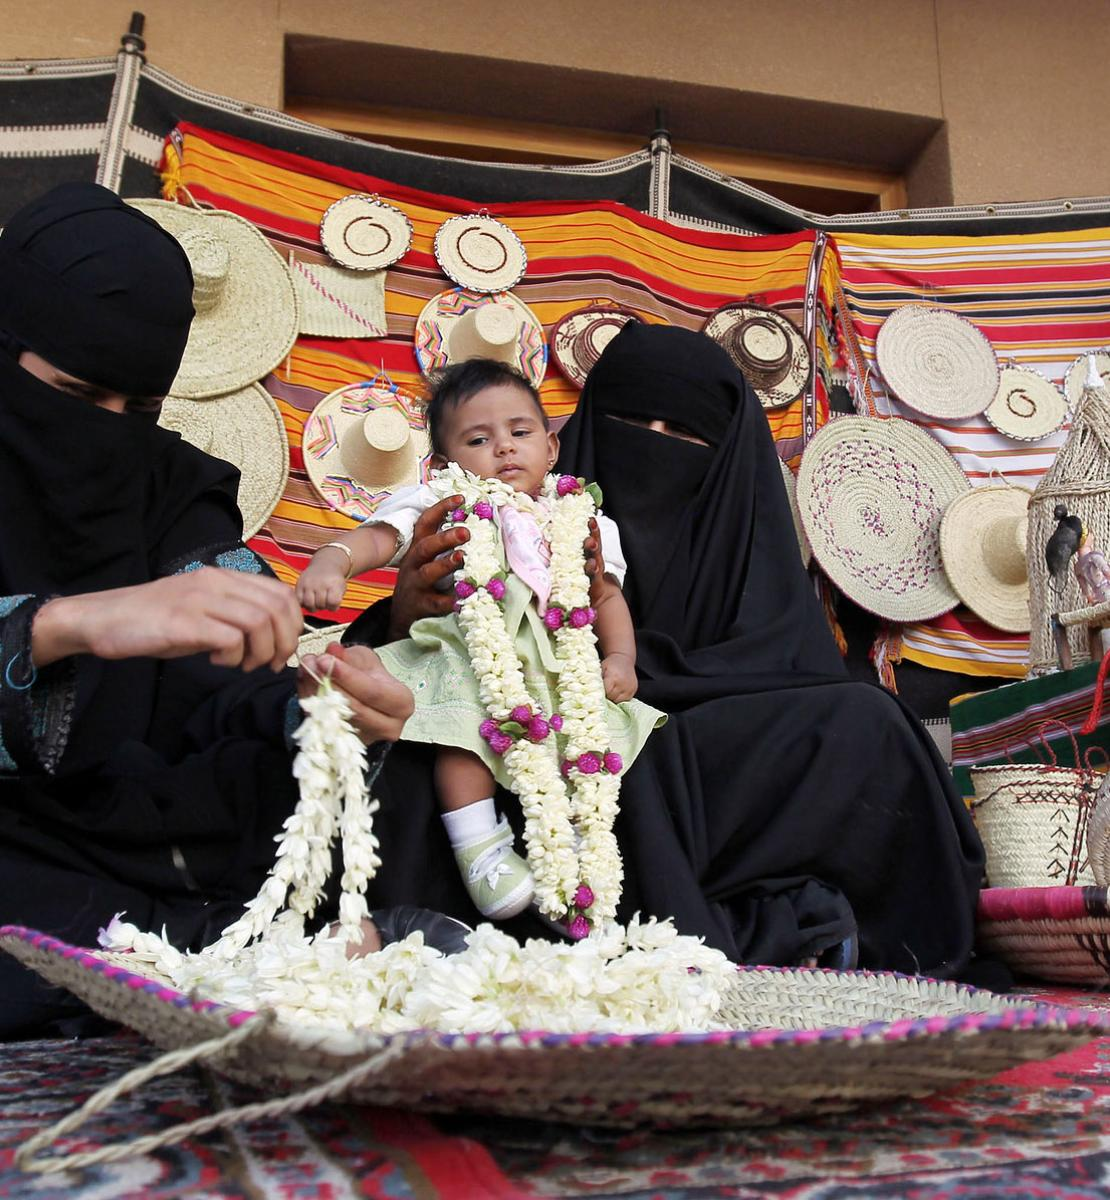 Una mujer saudí se sienta en una alfombra y enhebra flores frescas para venderlas, mientras otra mujer sentada a su lado sostiene a un bebé.